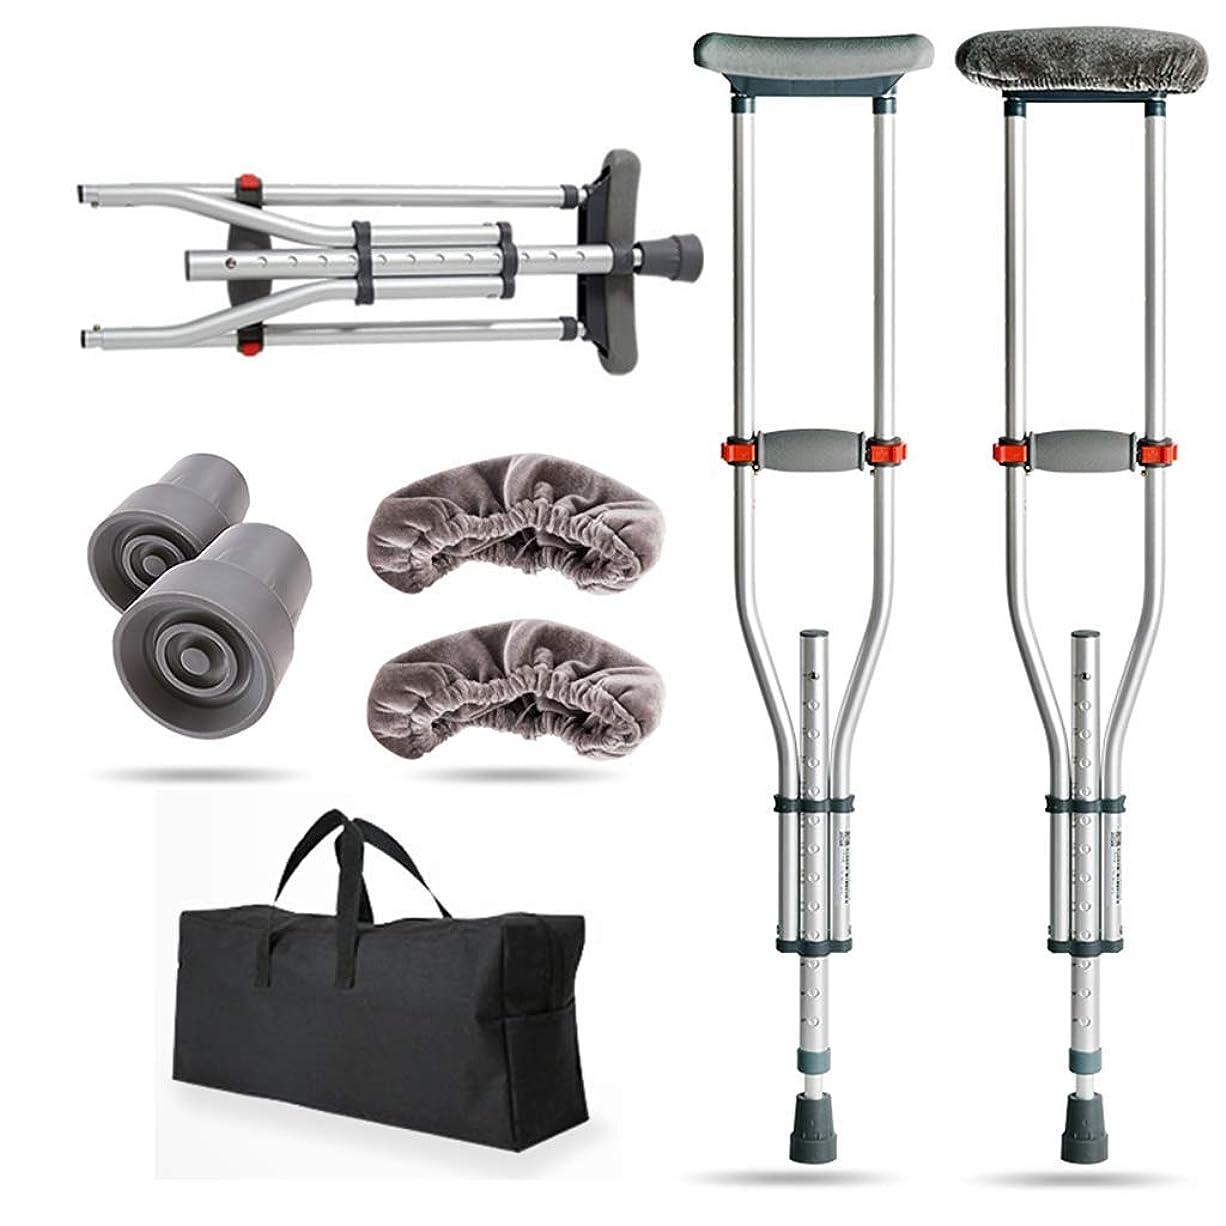 もっとイデオロギープリーツ折りたたみ式杖、松葉杖脇の下の大人のペア、24の高さ調整可能な医療、アルミニウム合金、高さ140-200cm 55-79インチ用